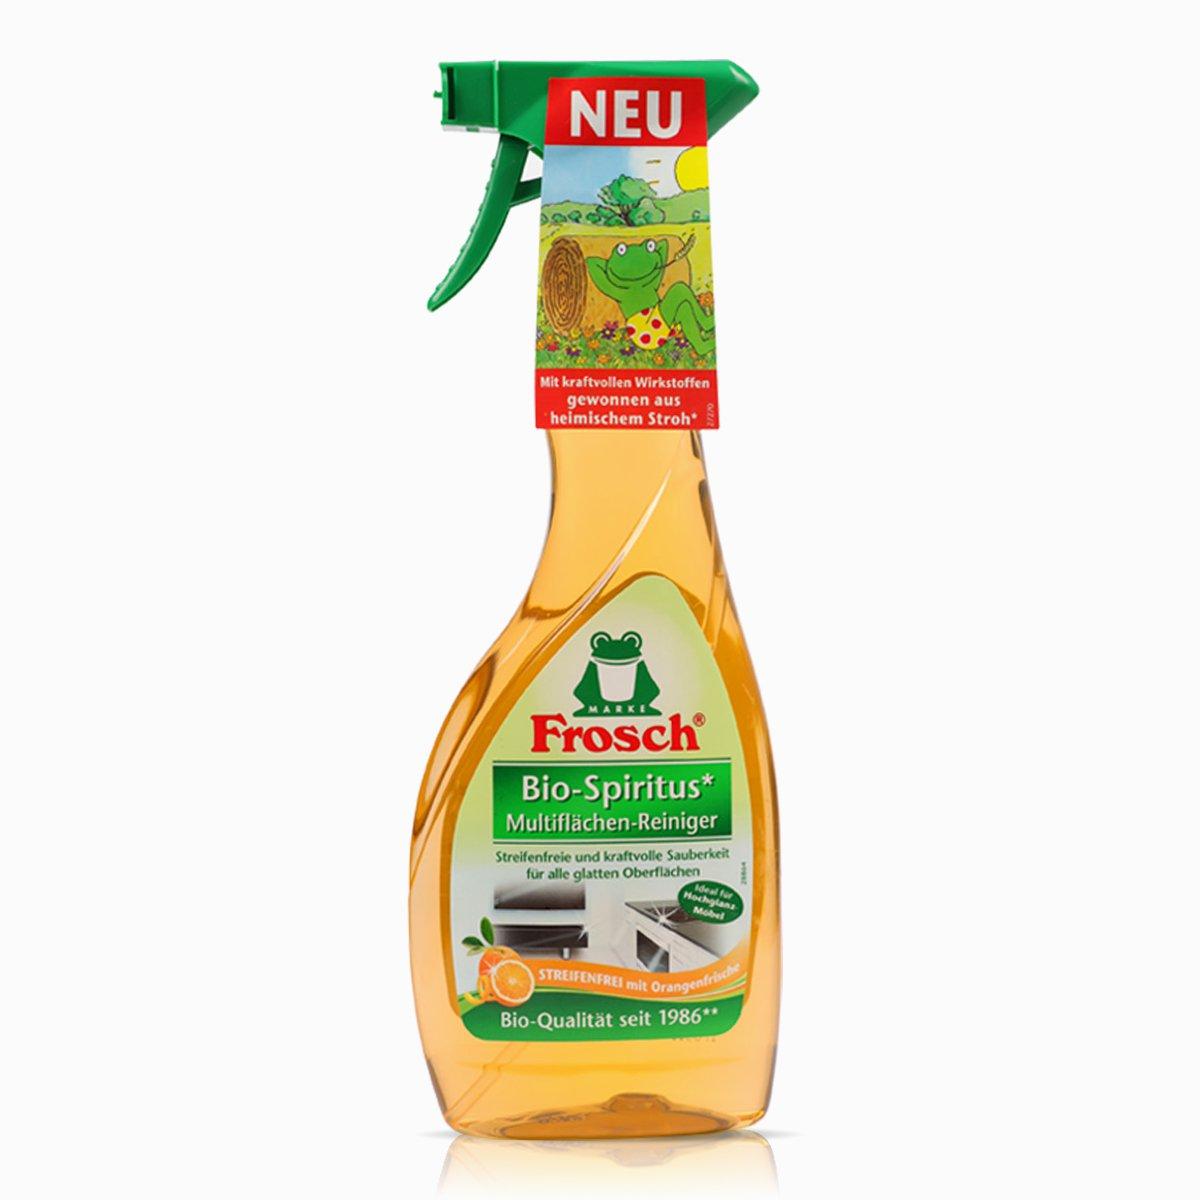 اسپری چندمنظوره بیو اسپریت فراش Frosch 500ml